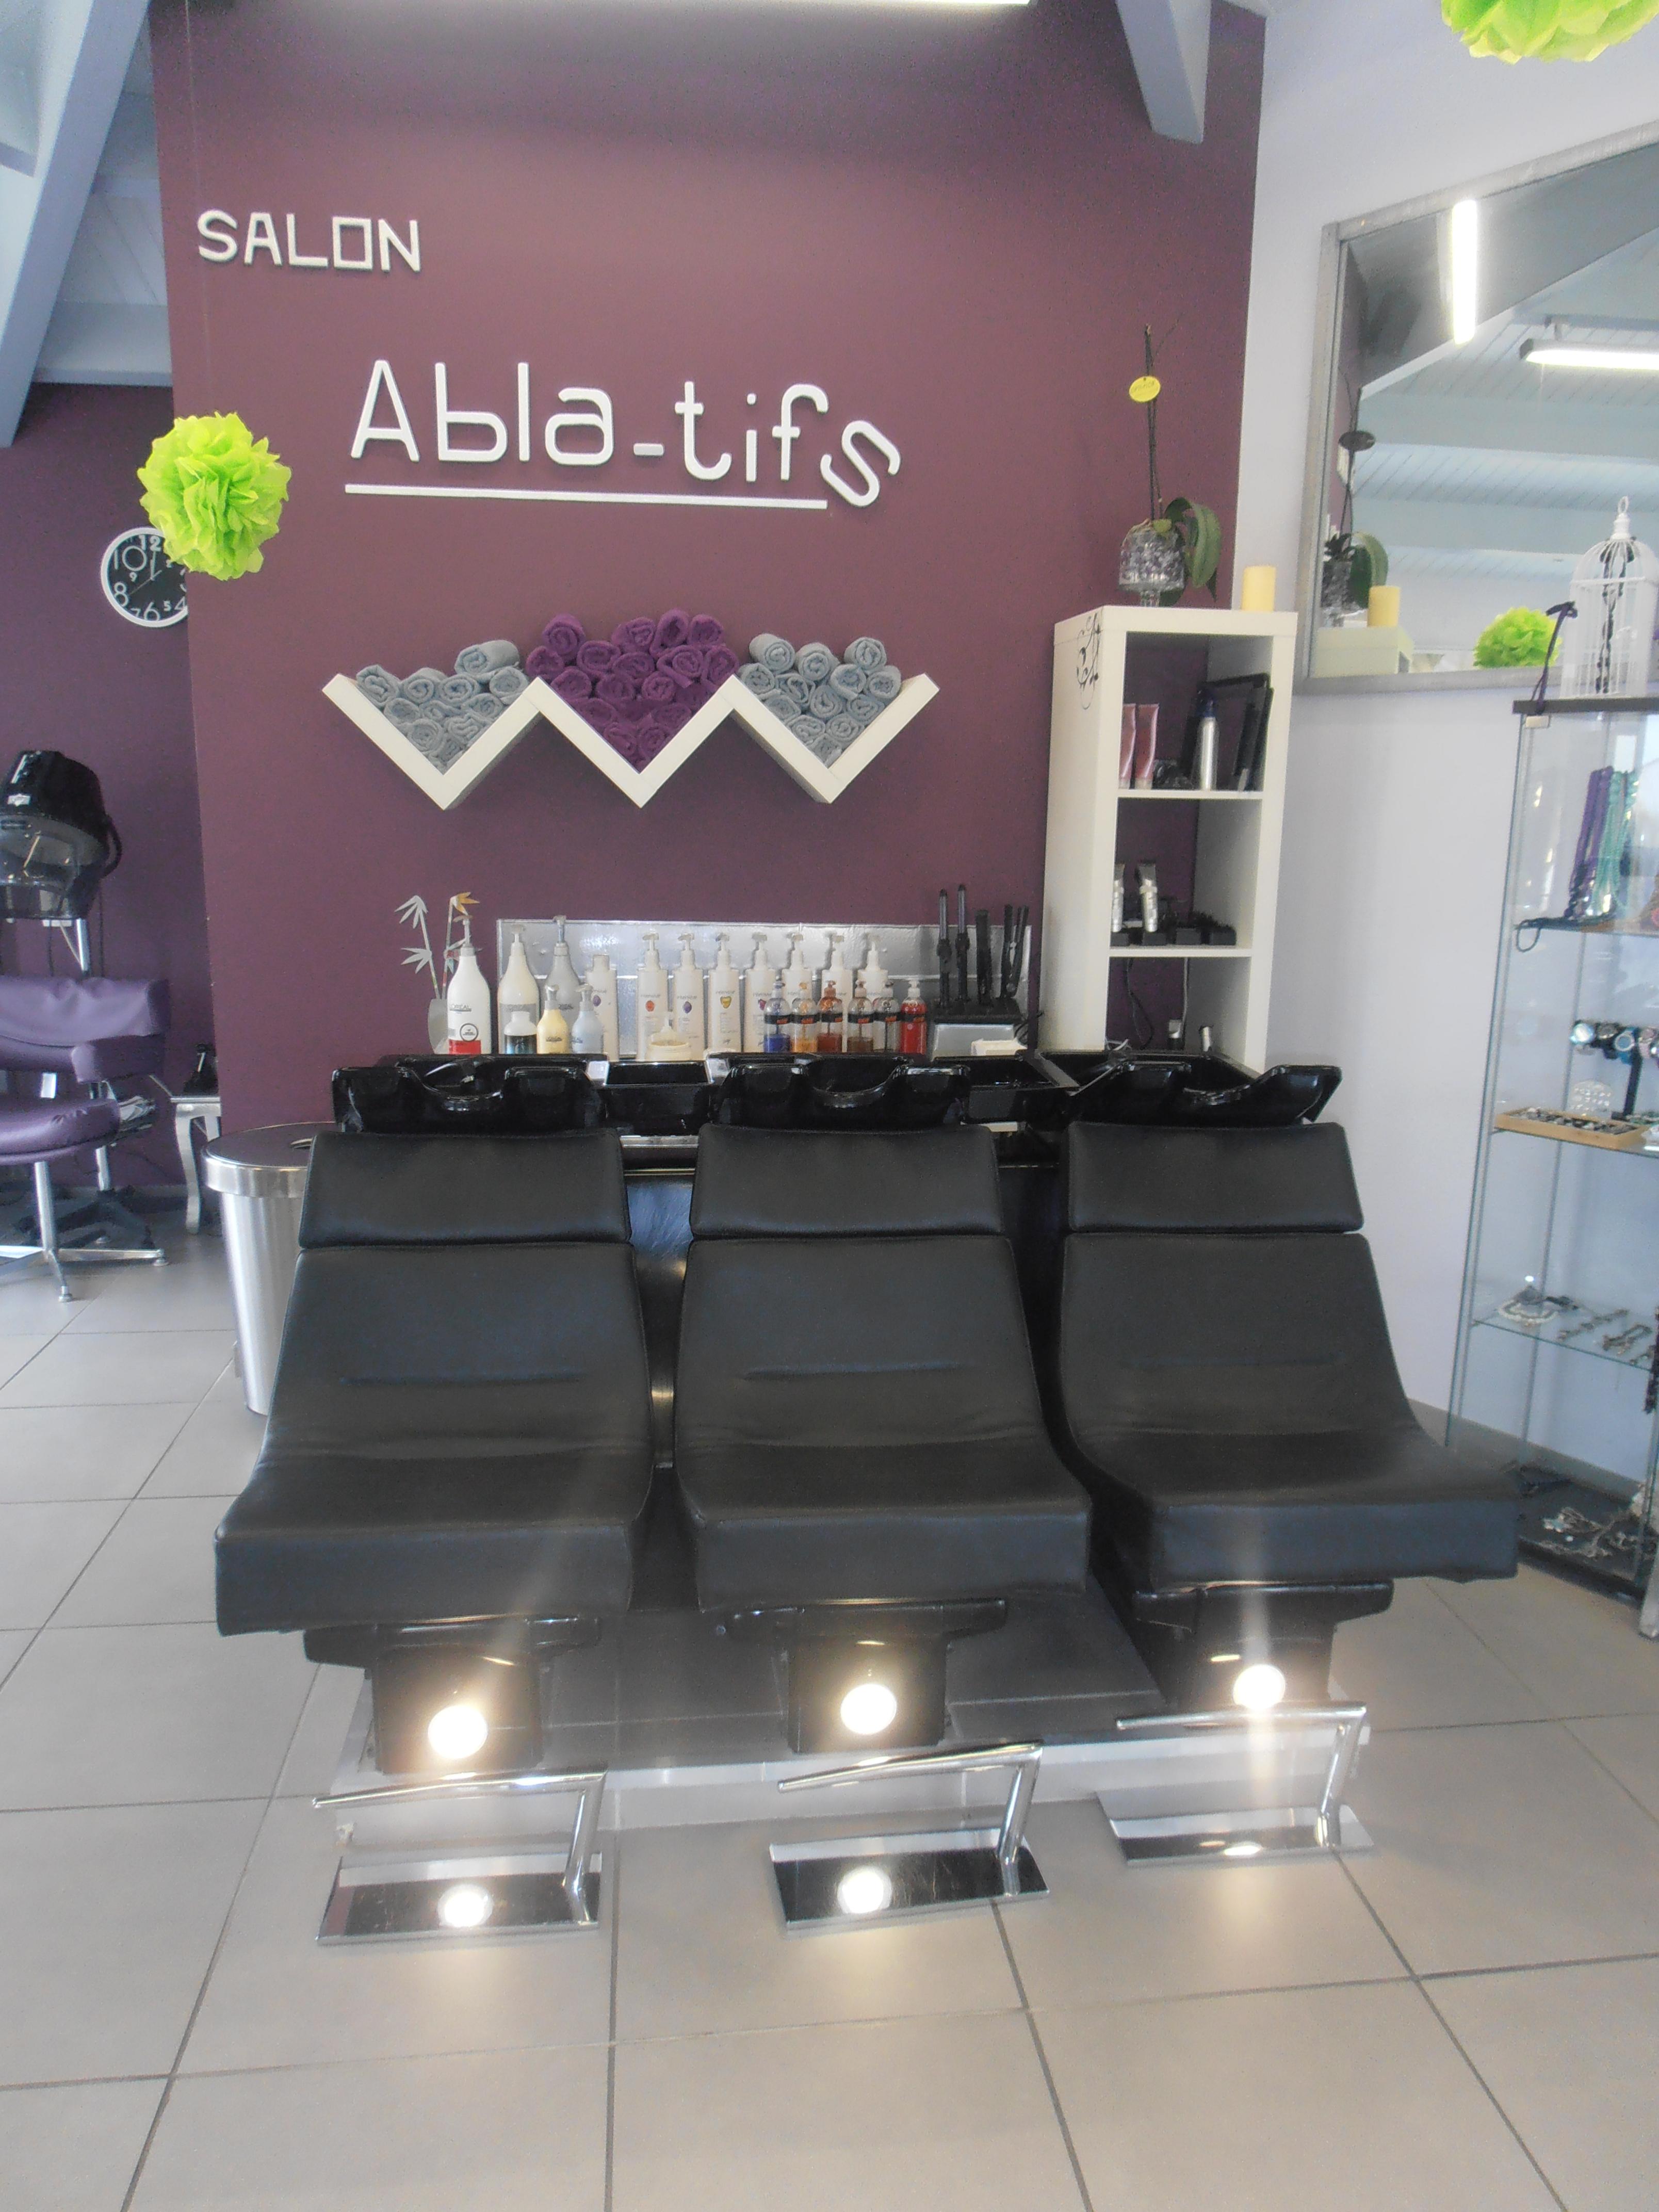 Abla-Tifs